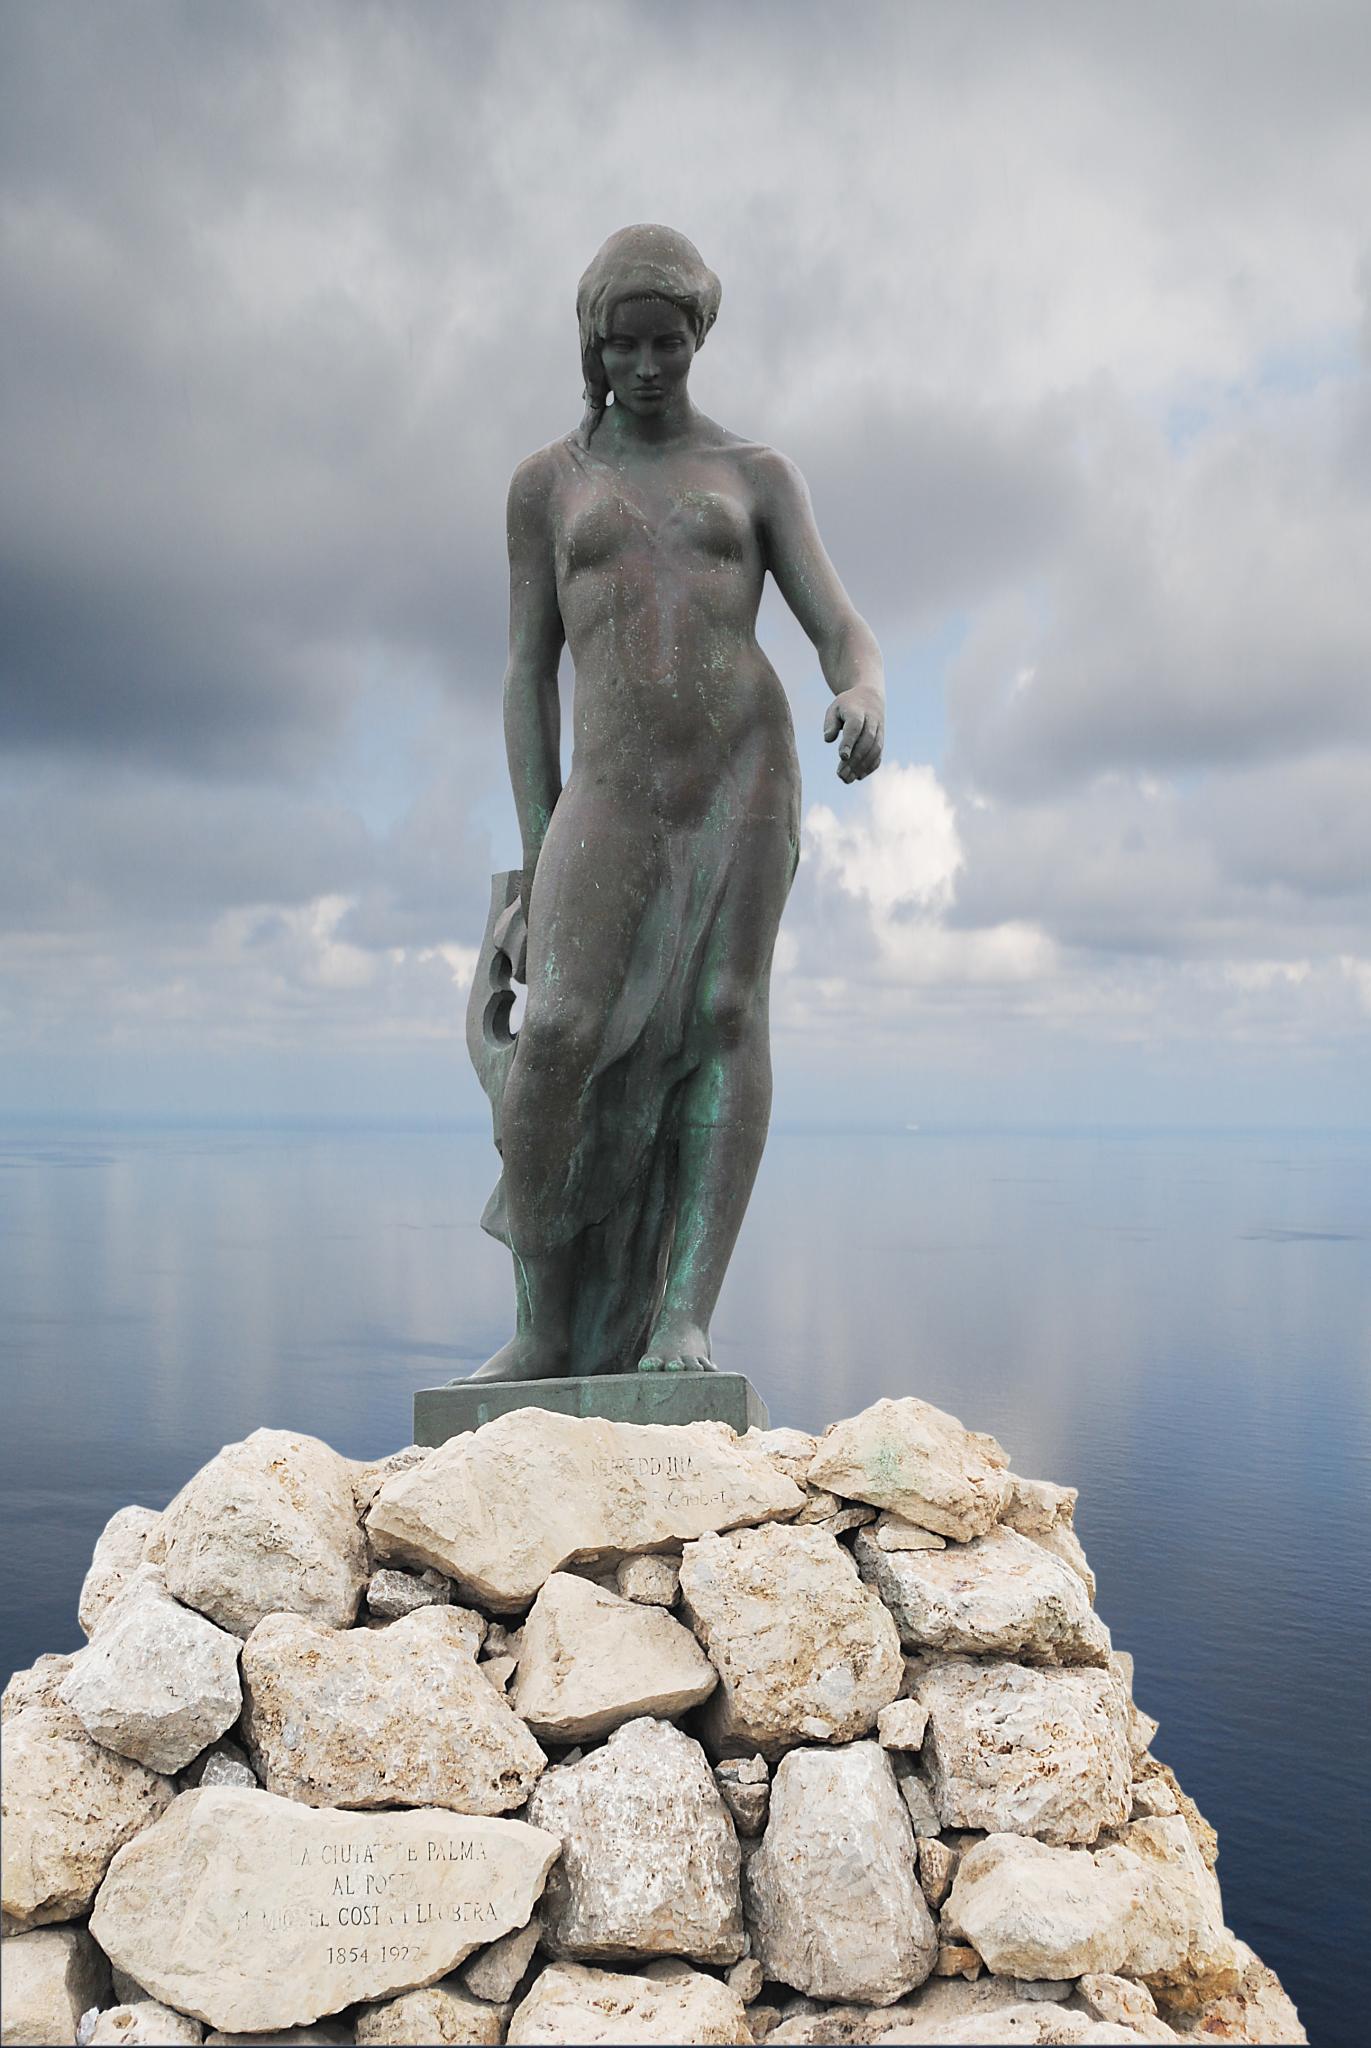 Nuredduna statue in Palma